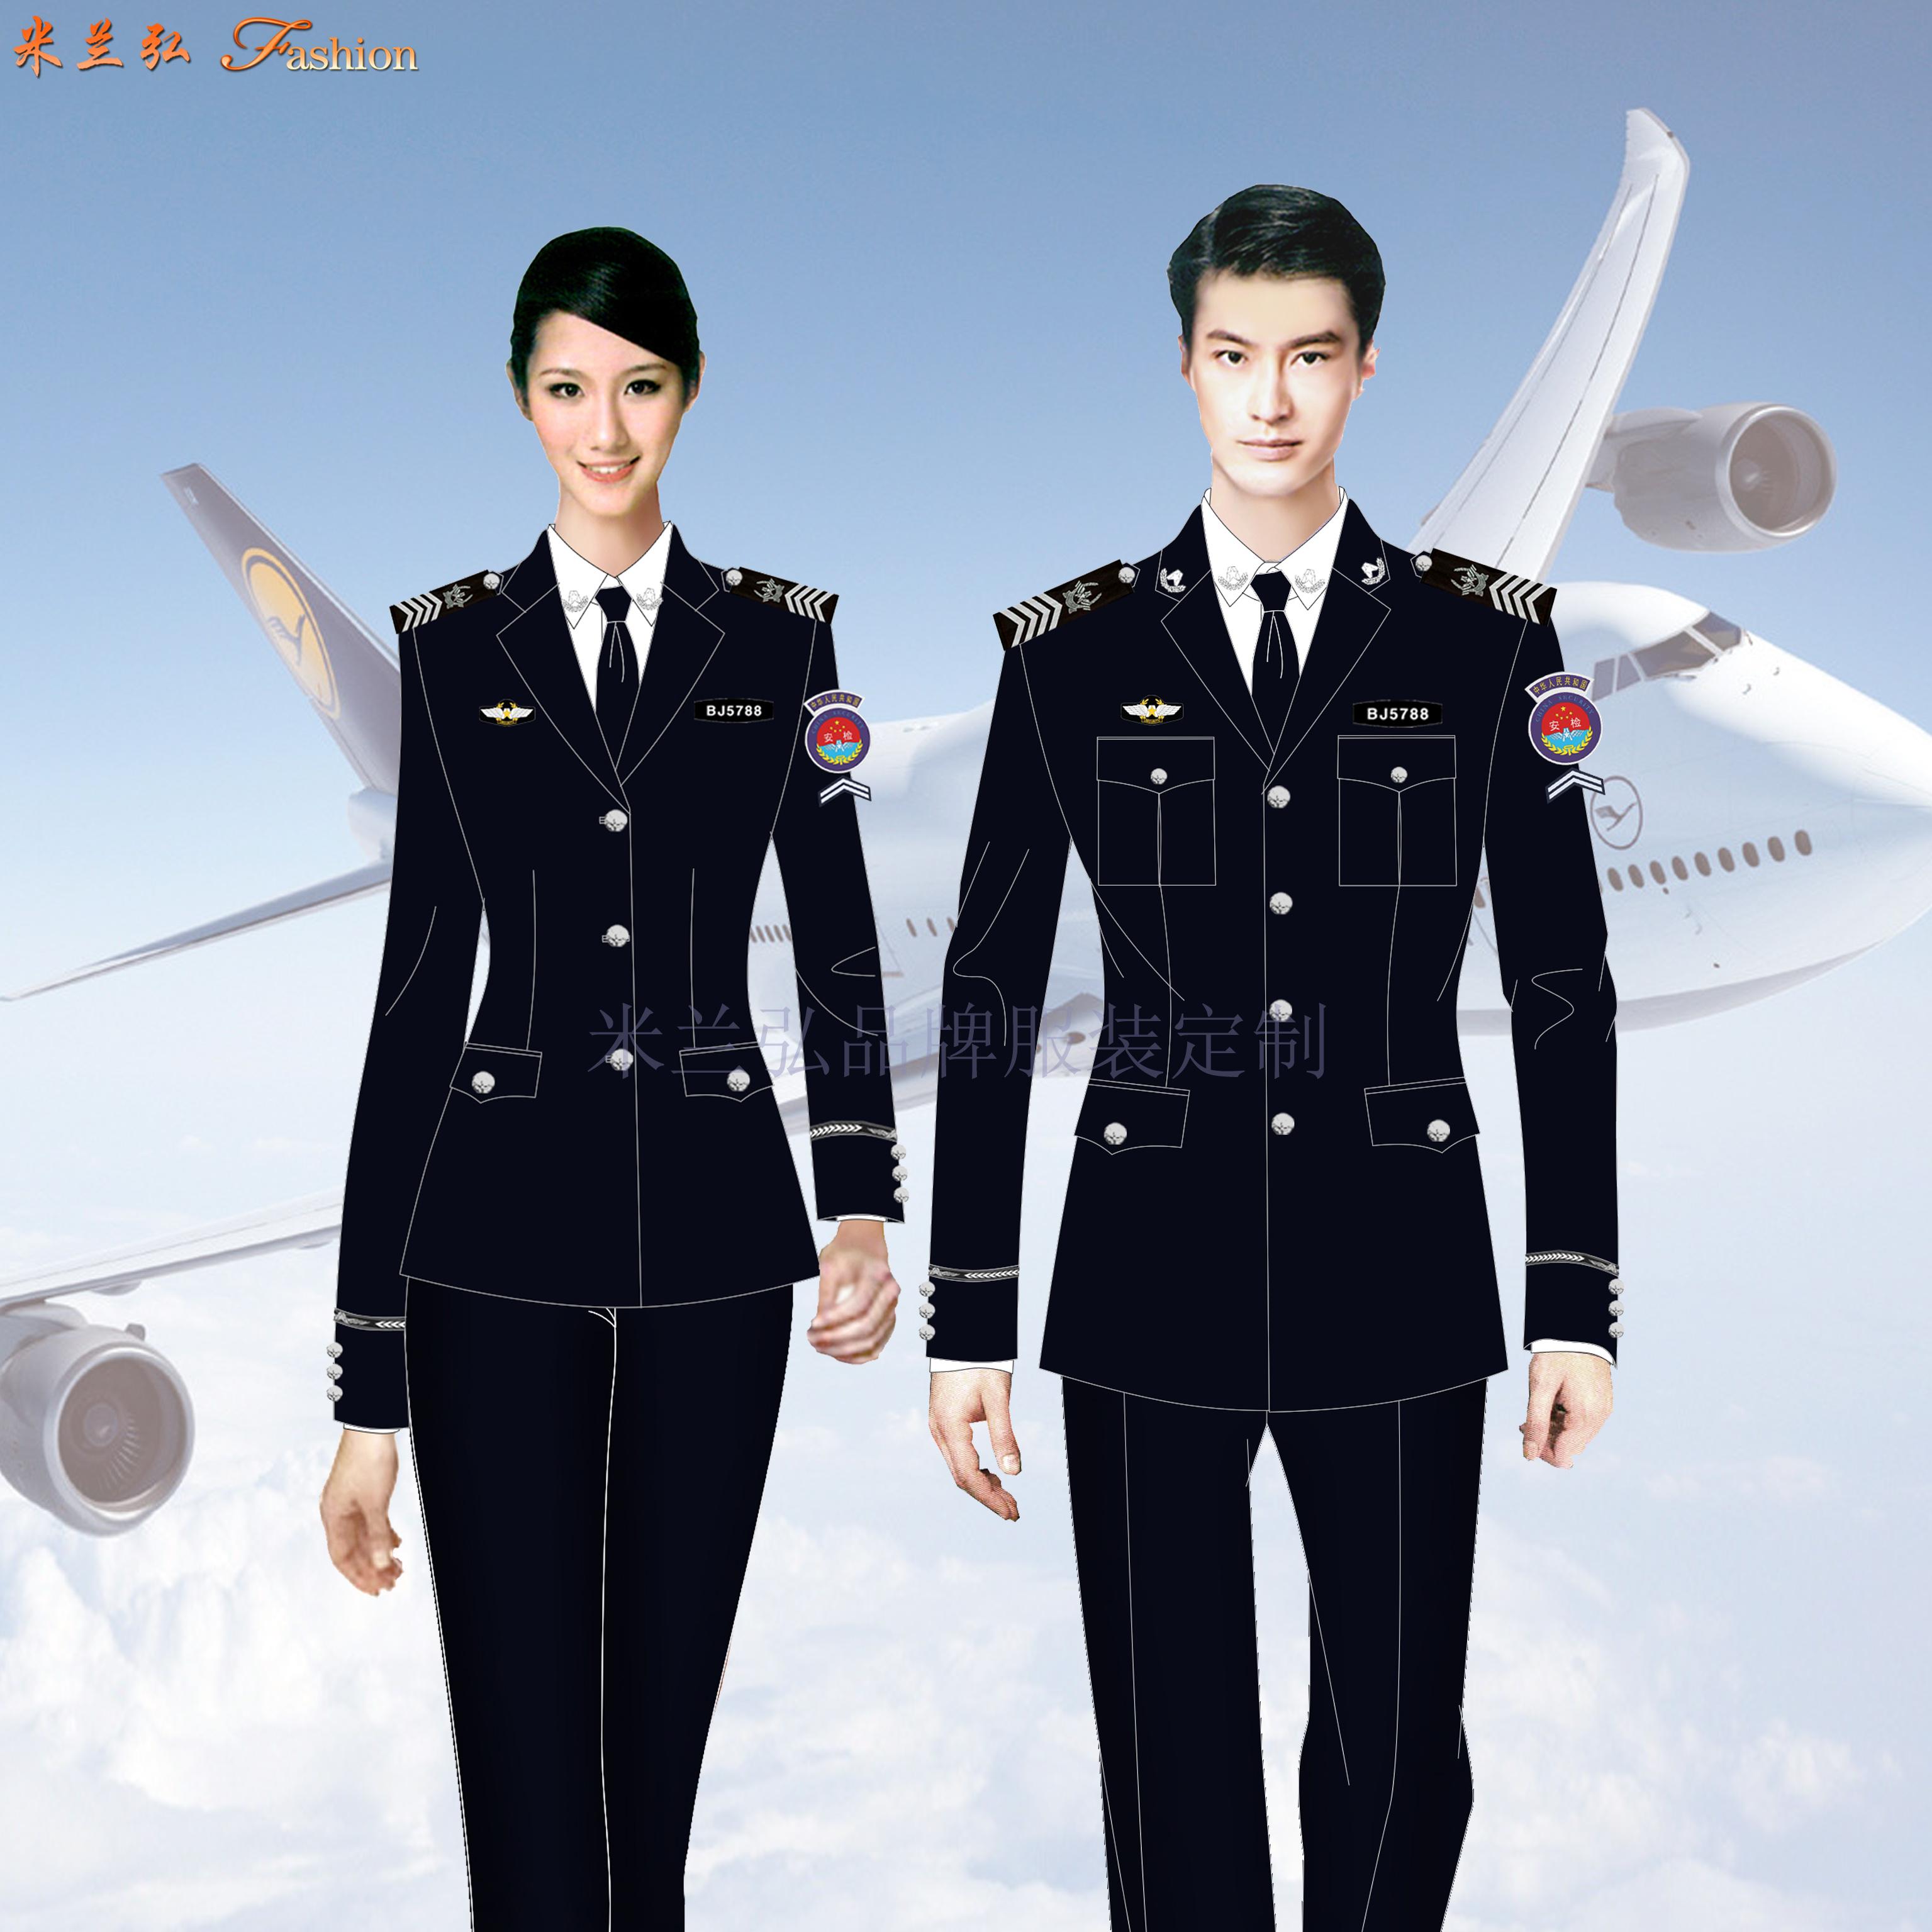 廣州白云國際機場民航安全檢查員工作服定制-米蘭弘服裝廠家-1